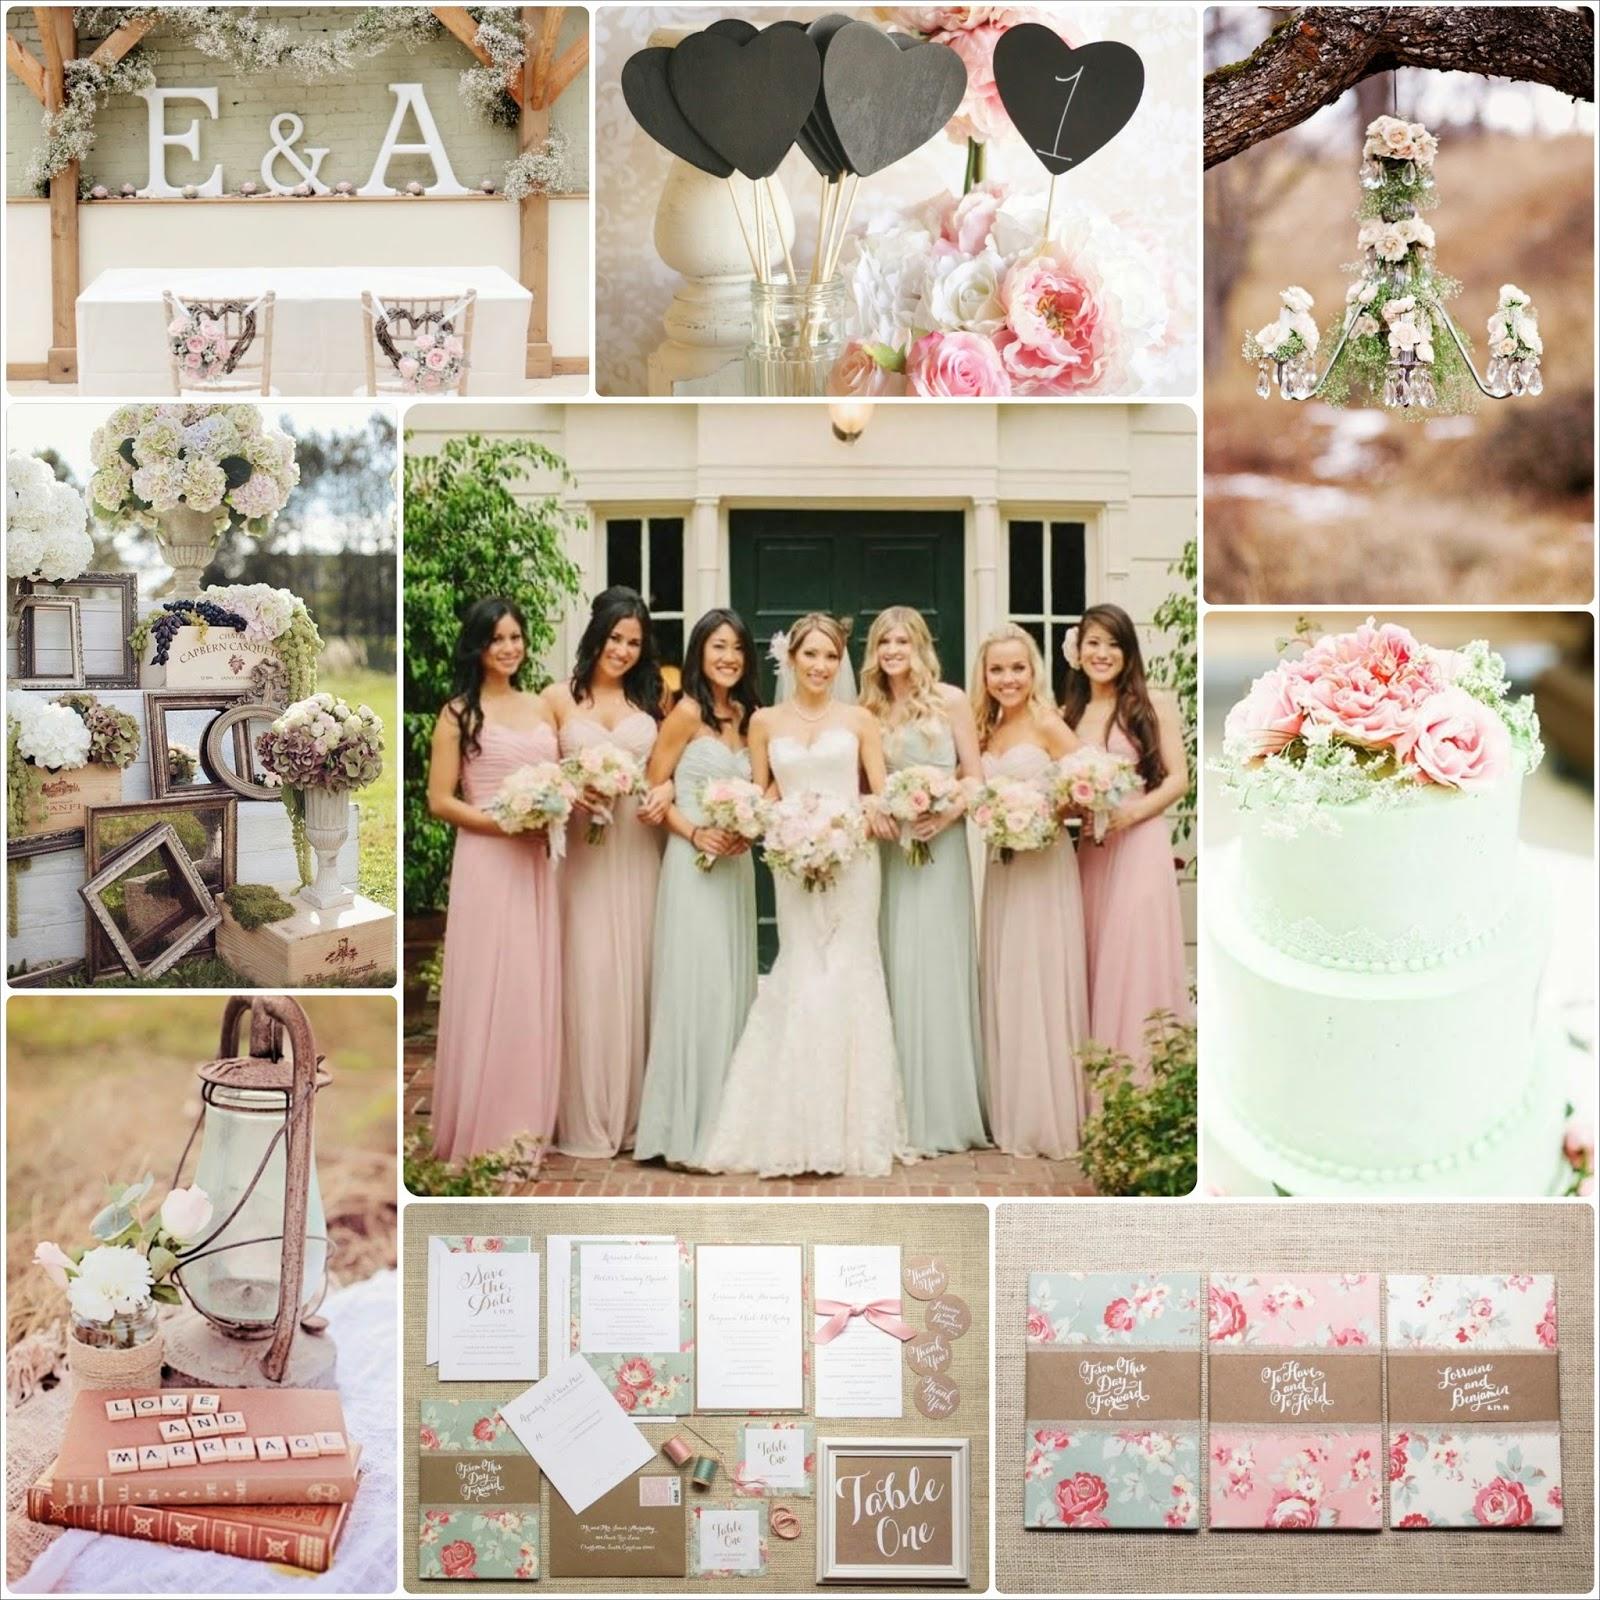 Blog de tu d a con amor invitaciones y detalles de boda - Estilo vintage decoracion ...